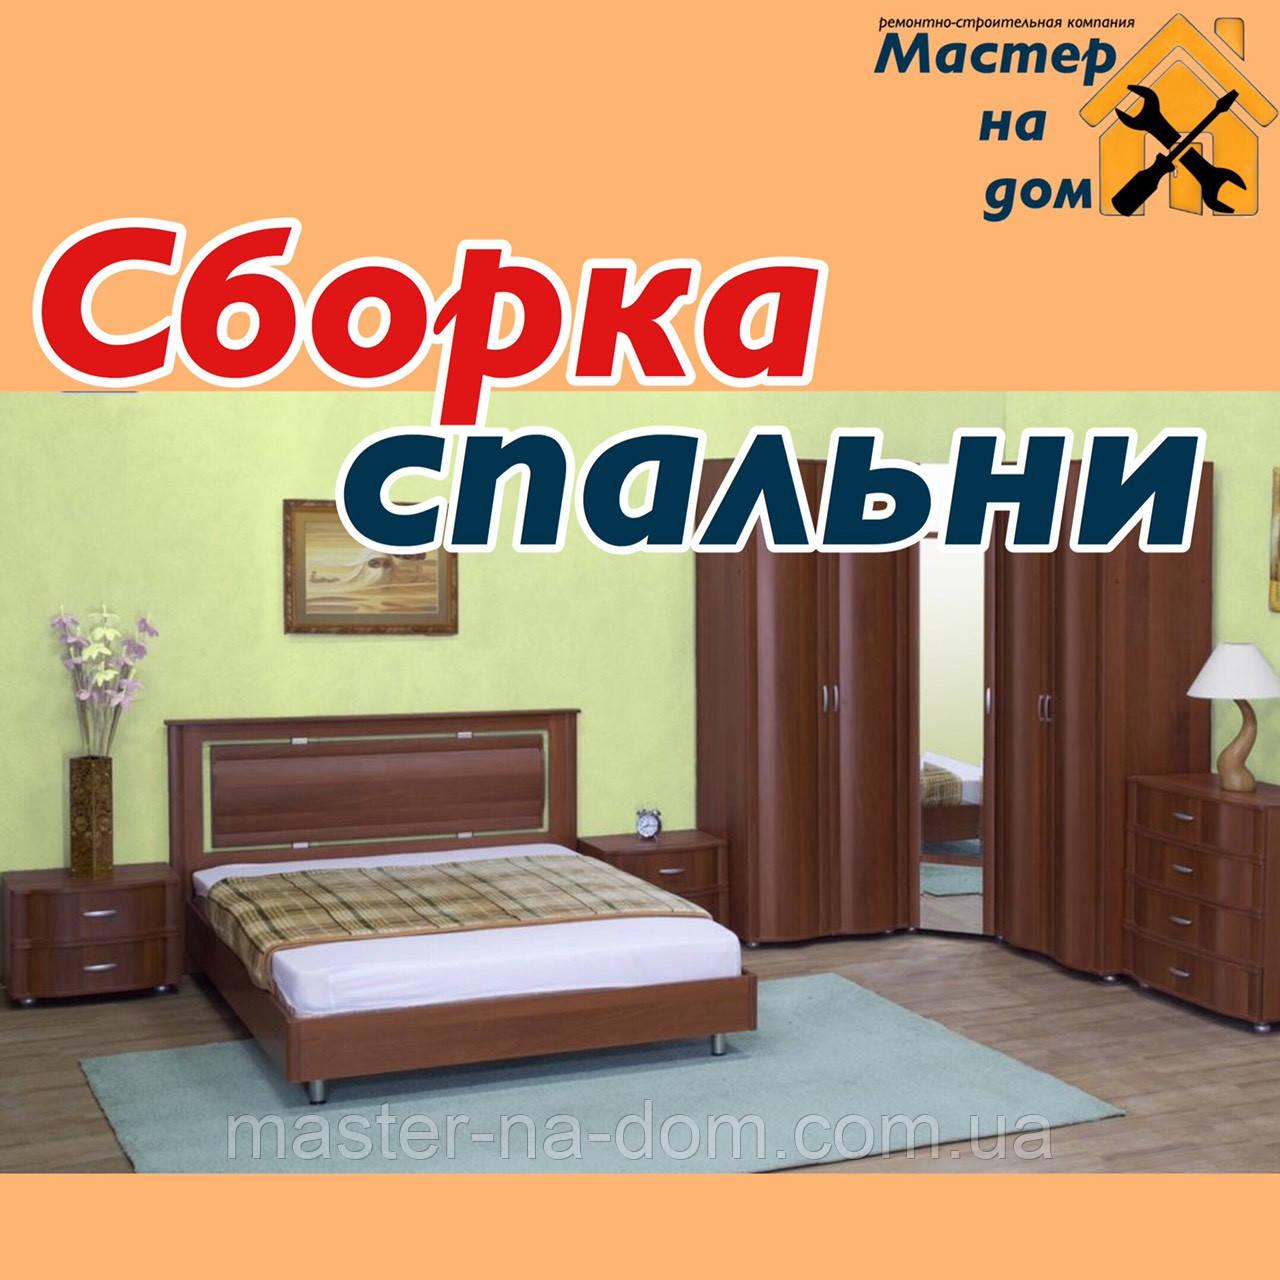 Сборка спальни: кровати, комоды, тумбочки в Киеве